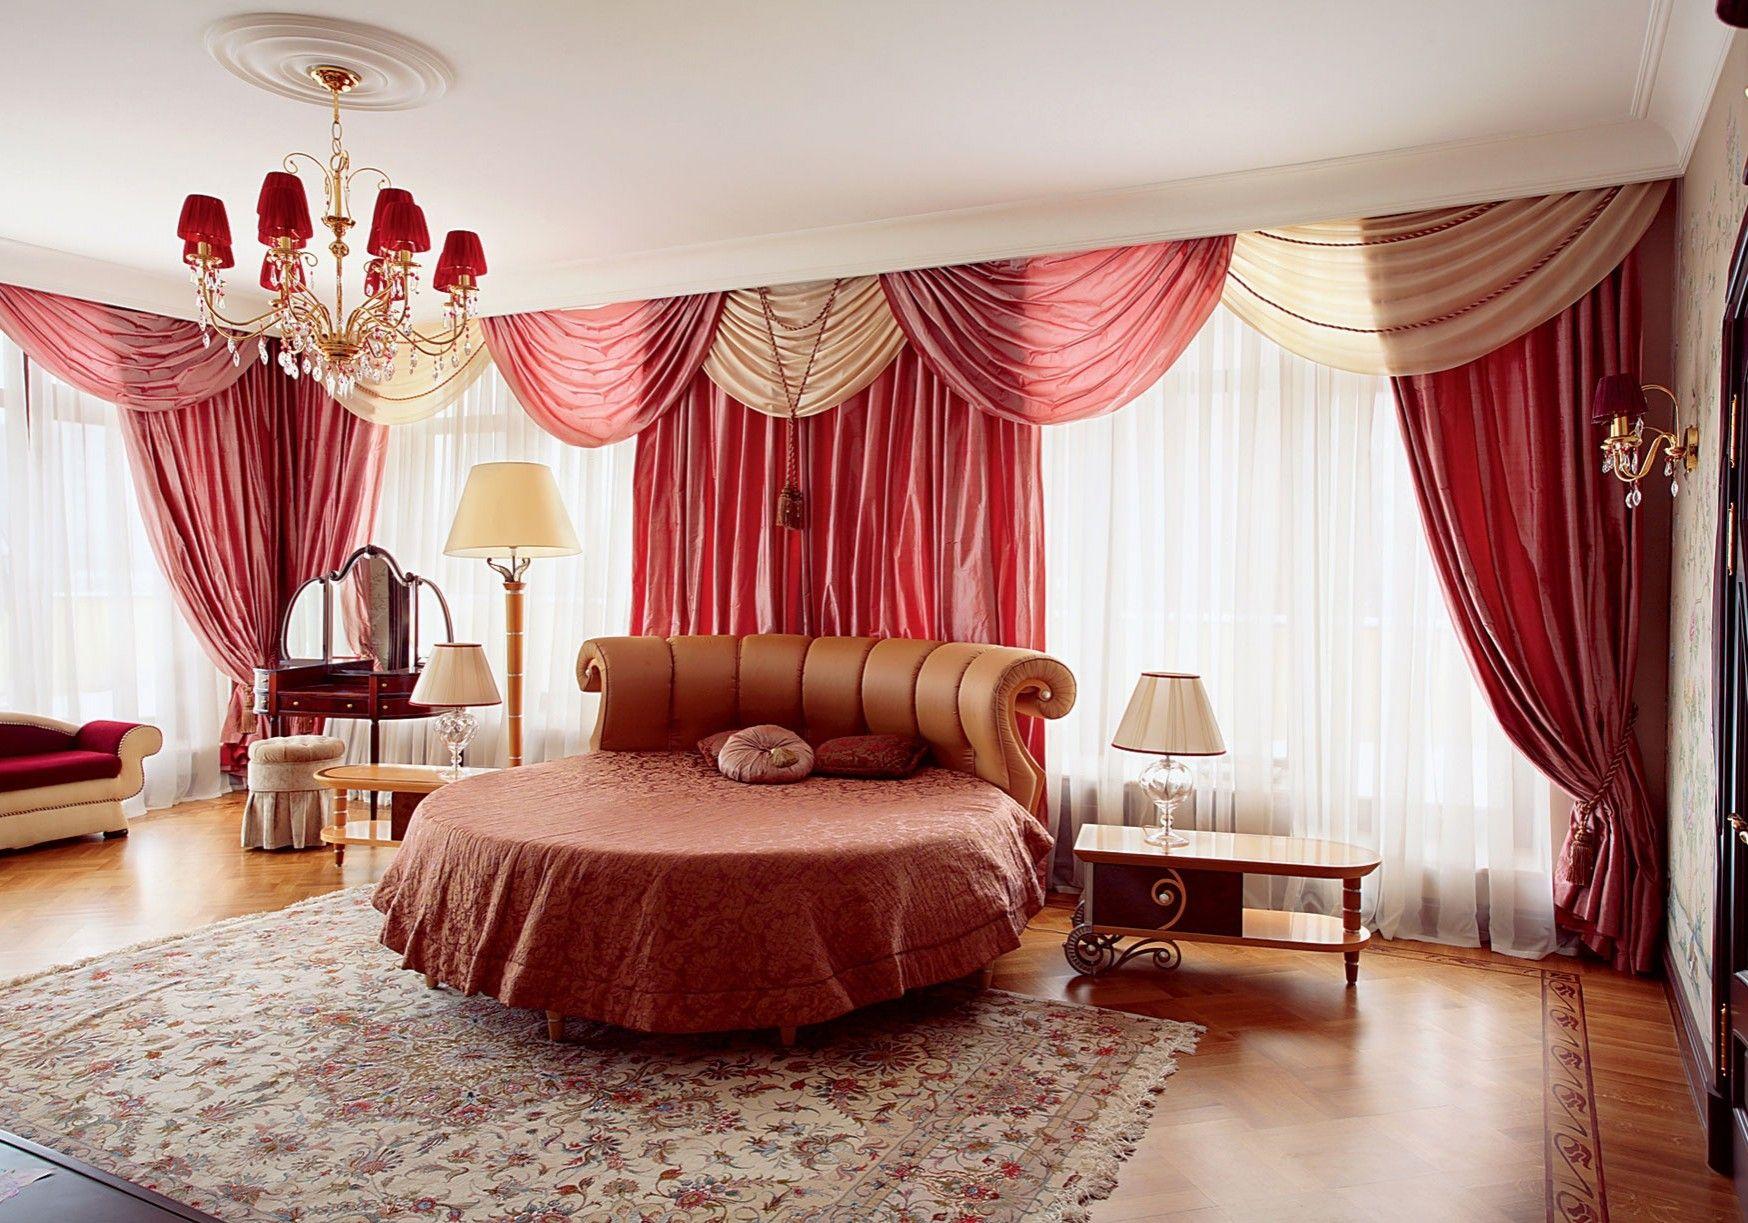 Бежево-красные шторы в просторной спальне